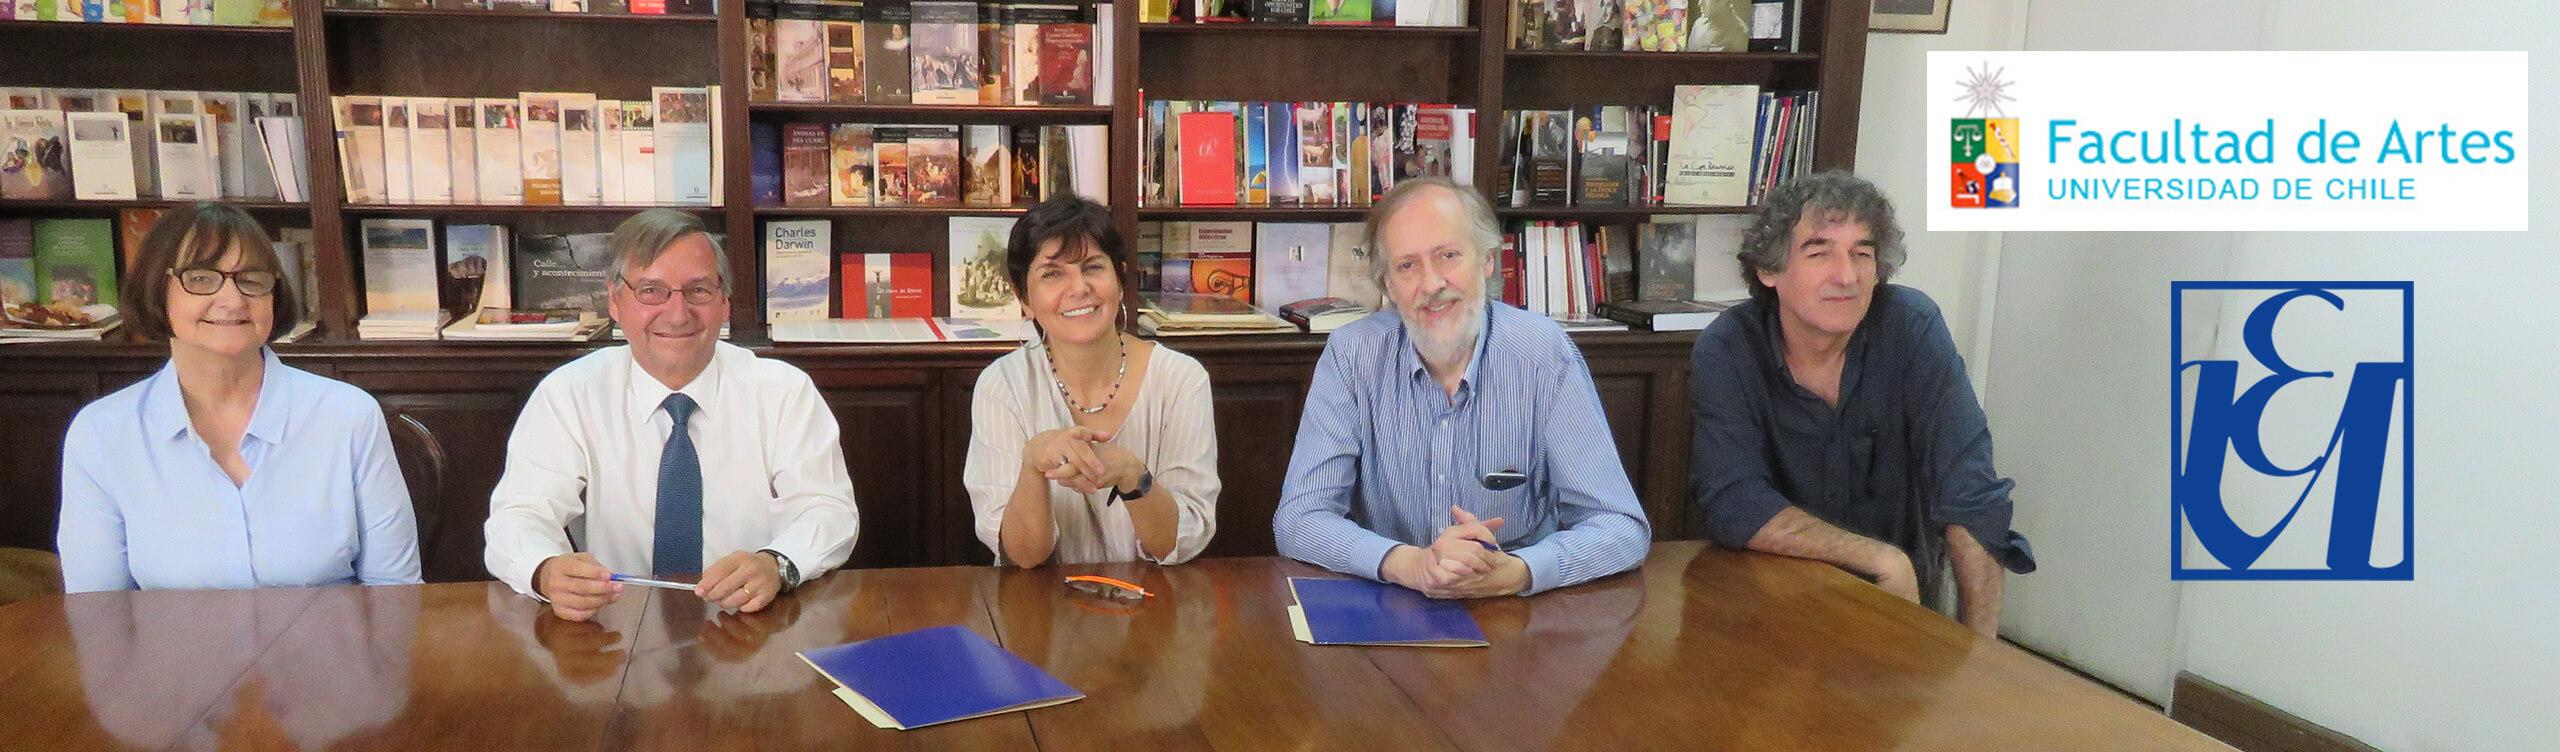 convenio Editorial Universitaria Facultad de Artes Universidad de Chile